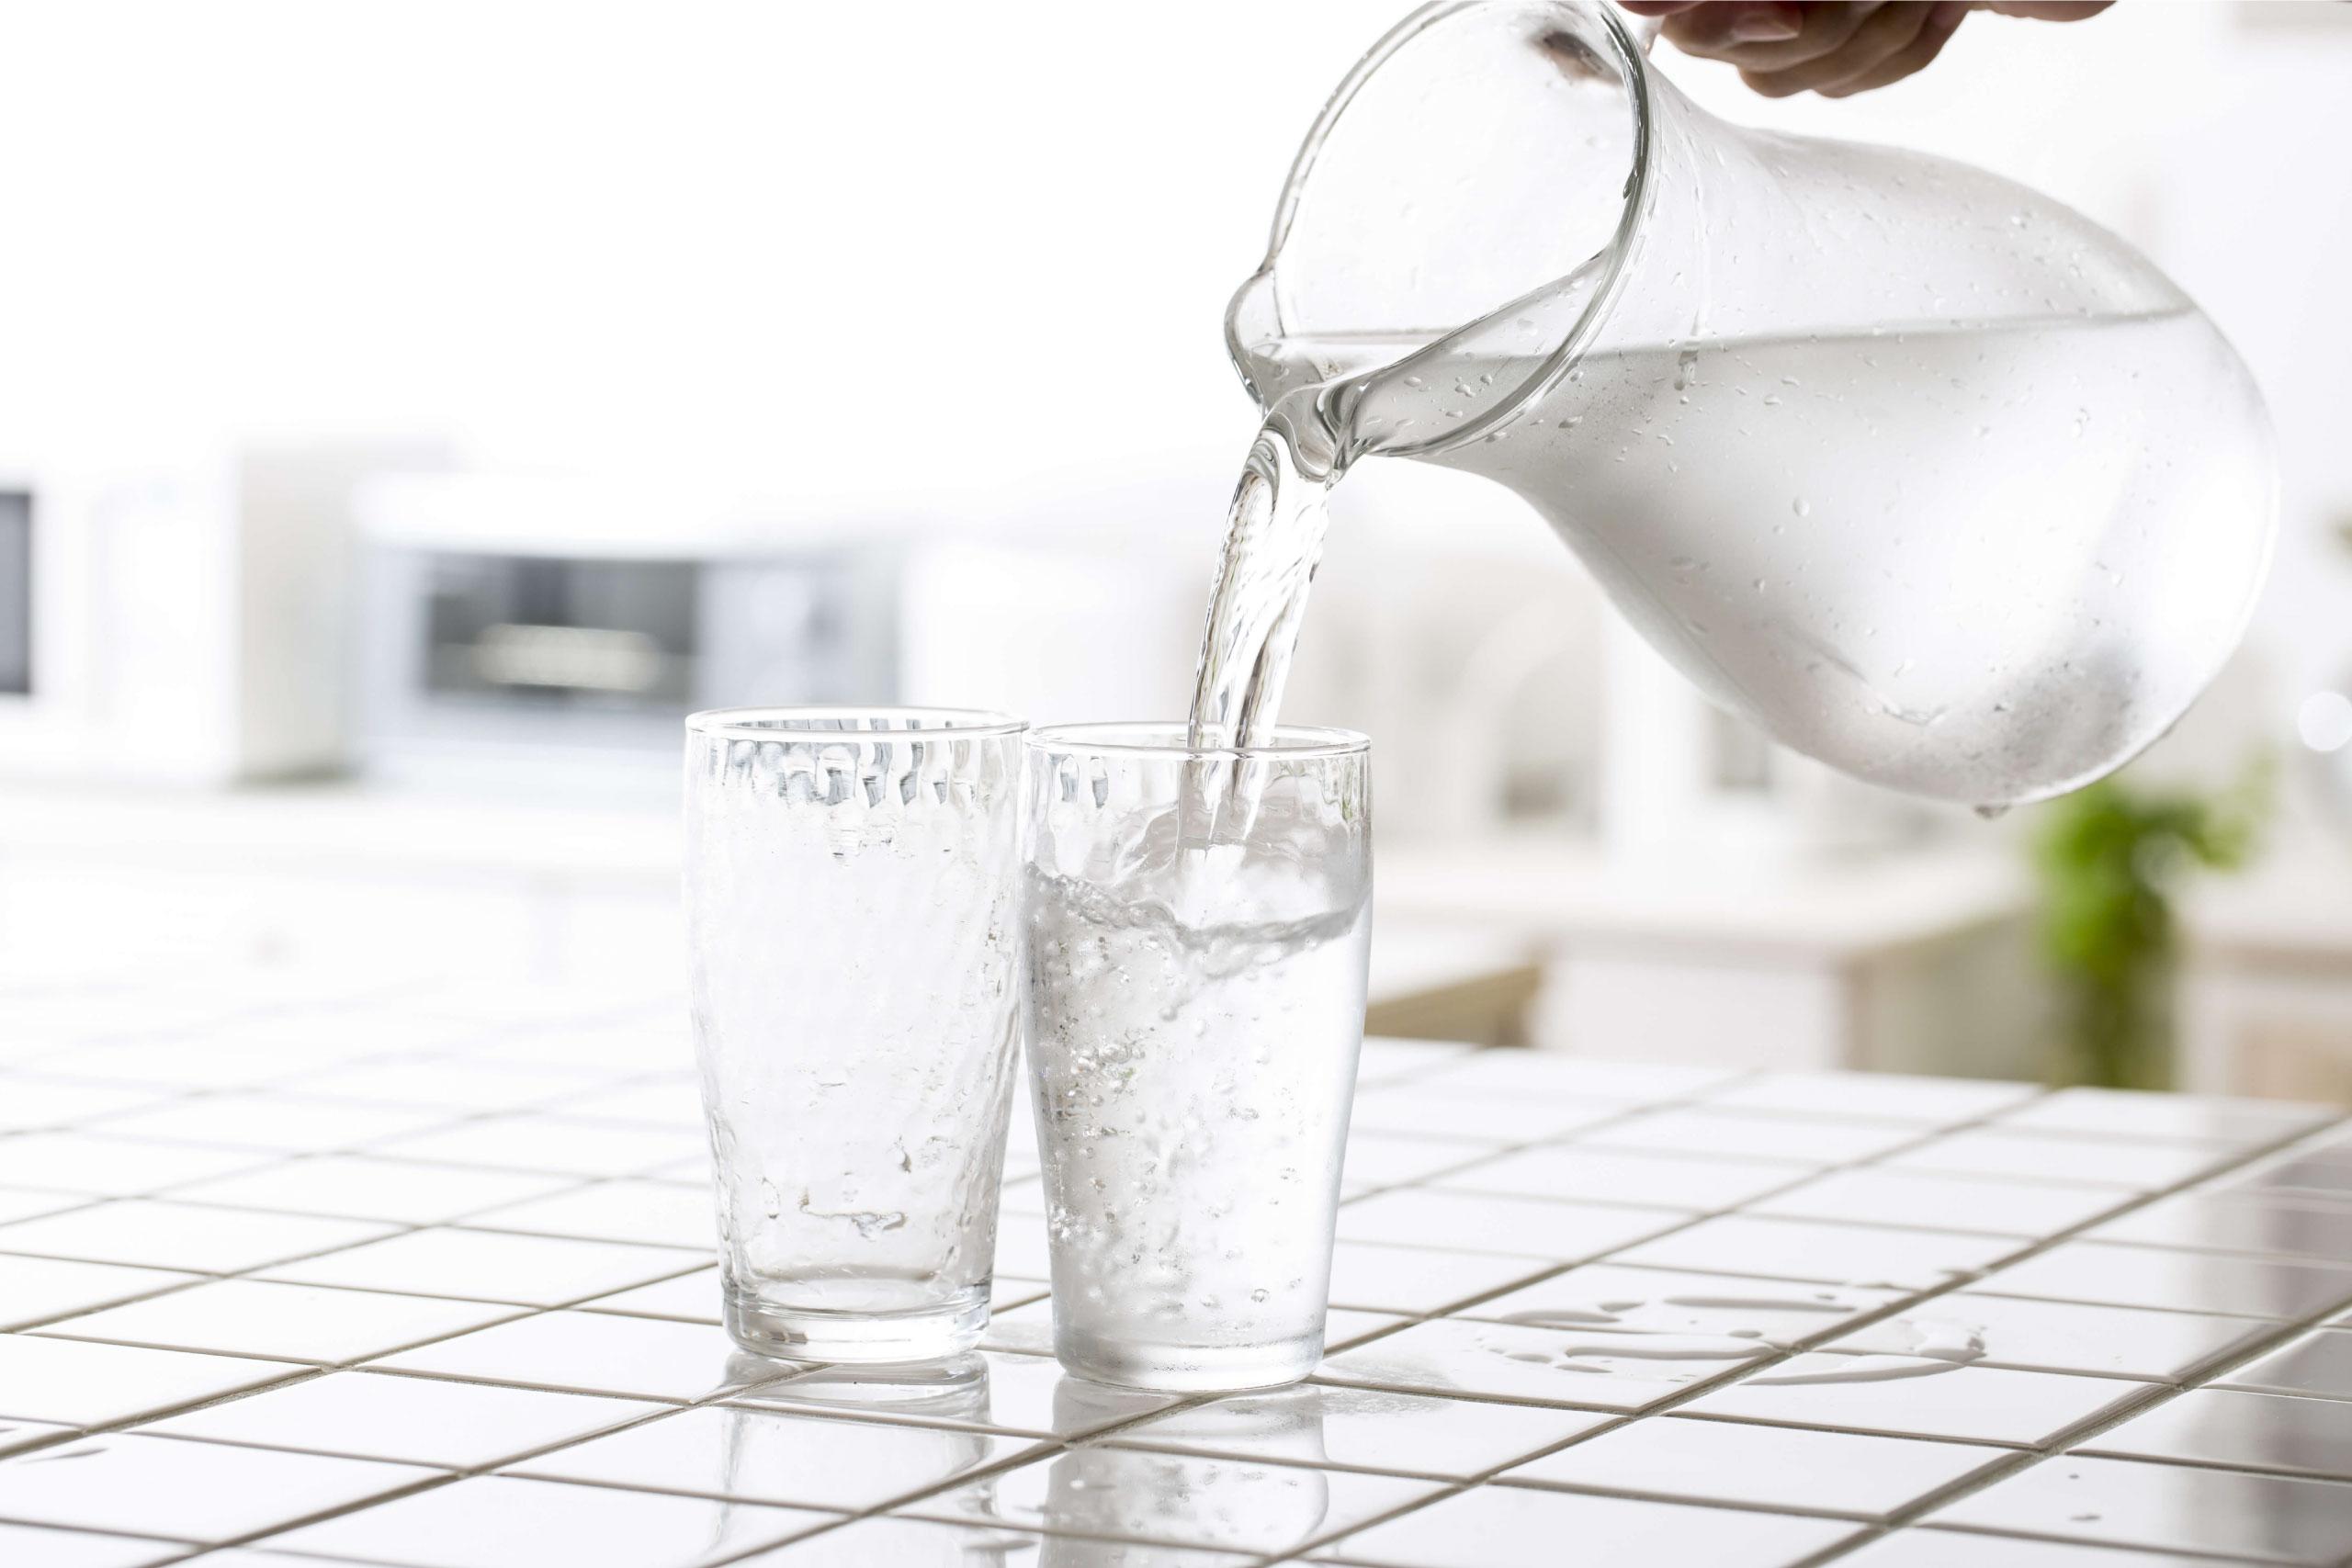 1日に必要な水分量は?水の重要性と水分補給のタイミング